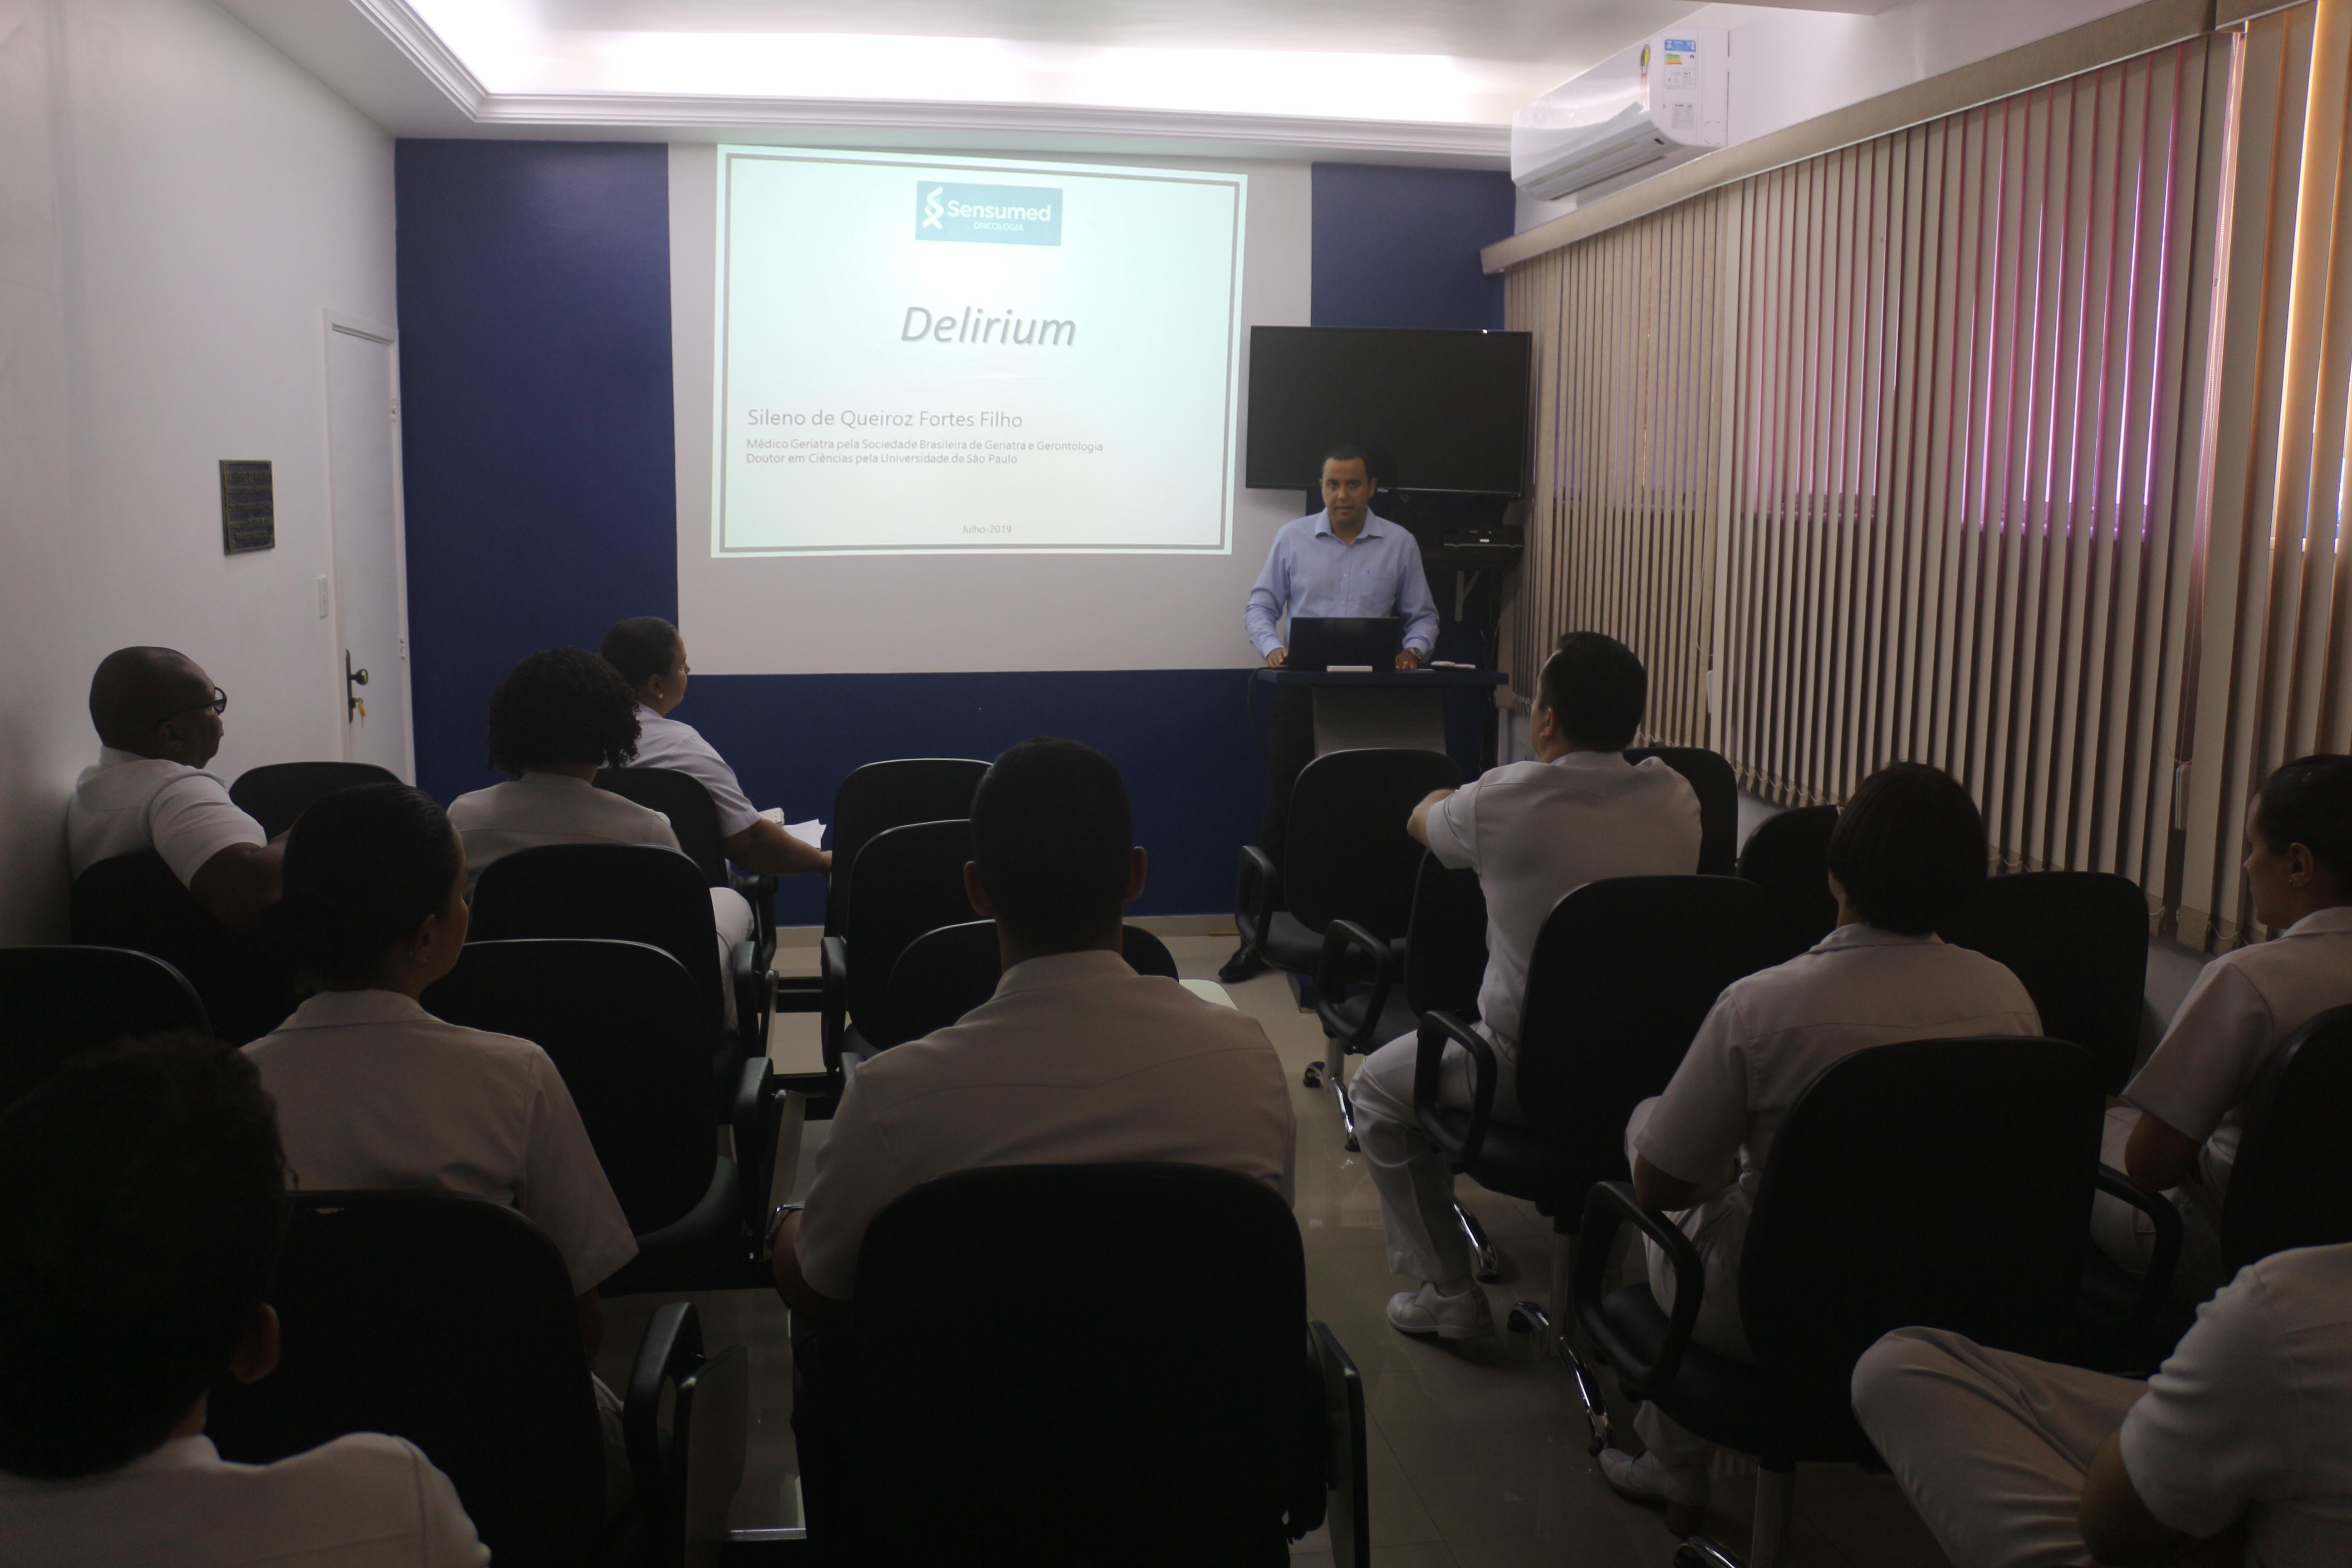 Saúde do Idoso é tema em ciclo de palestras do Hospital da Aeronáutica